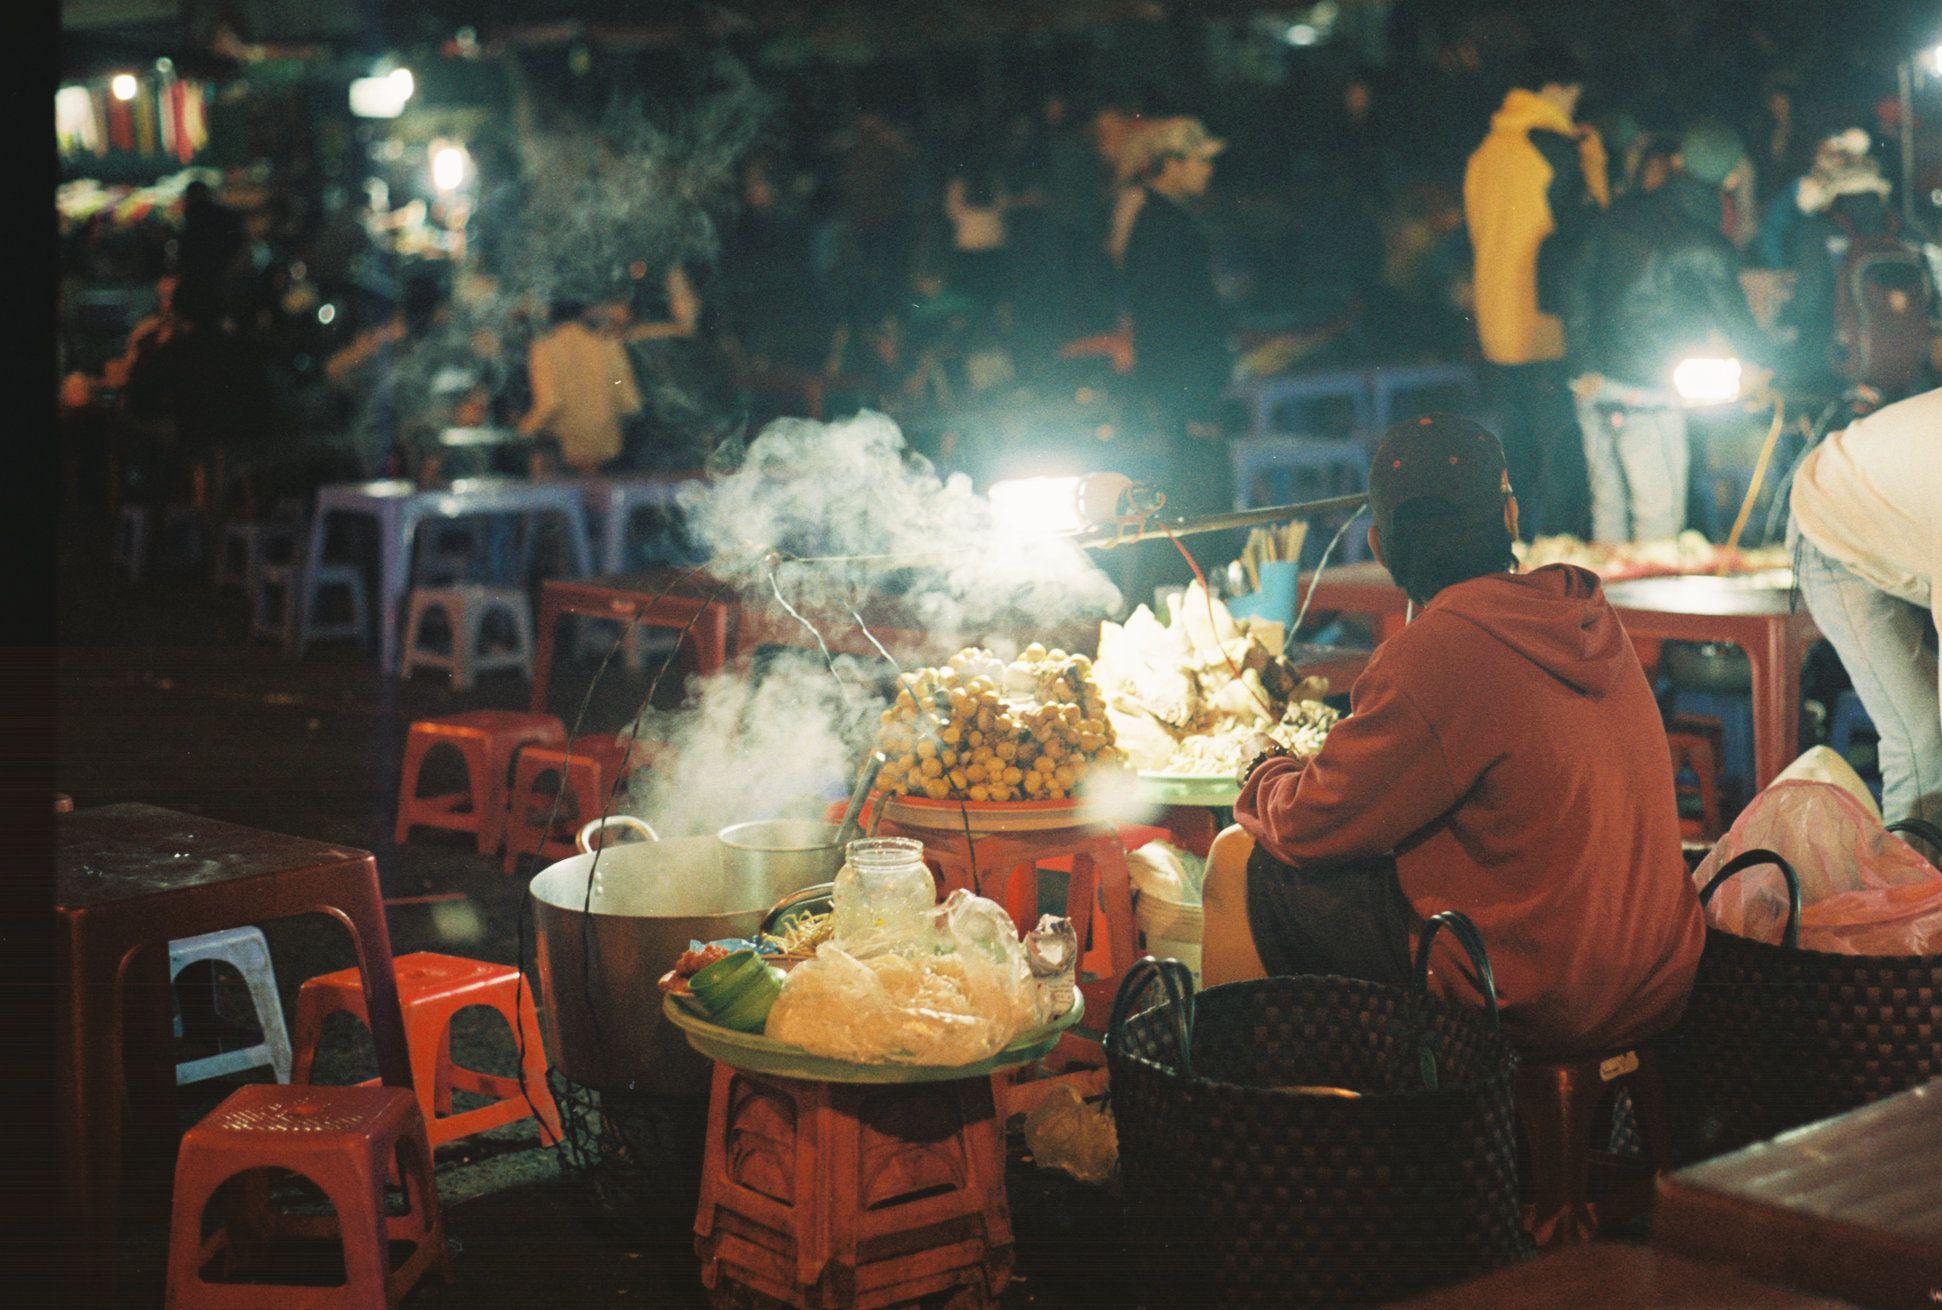 Ghé chơi chợ đêm Âm Phủ